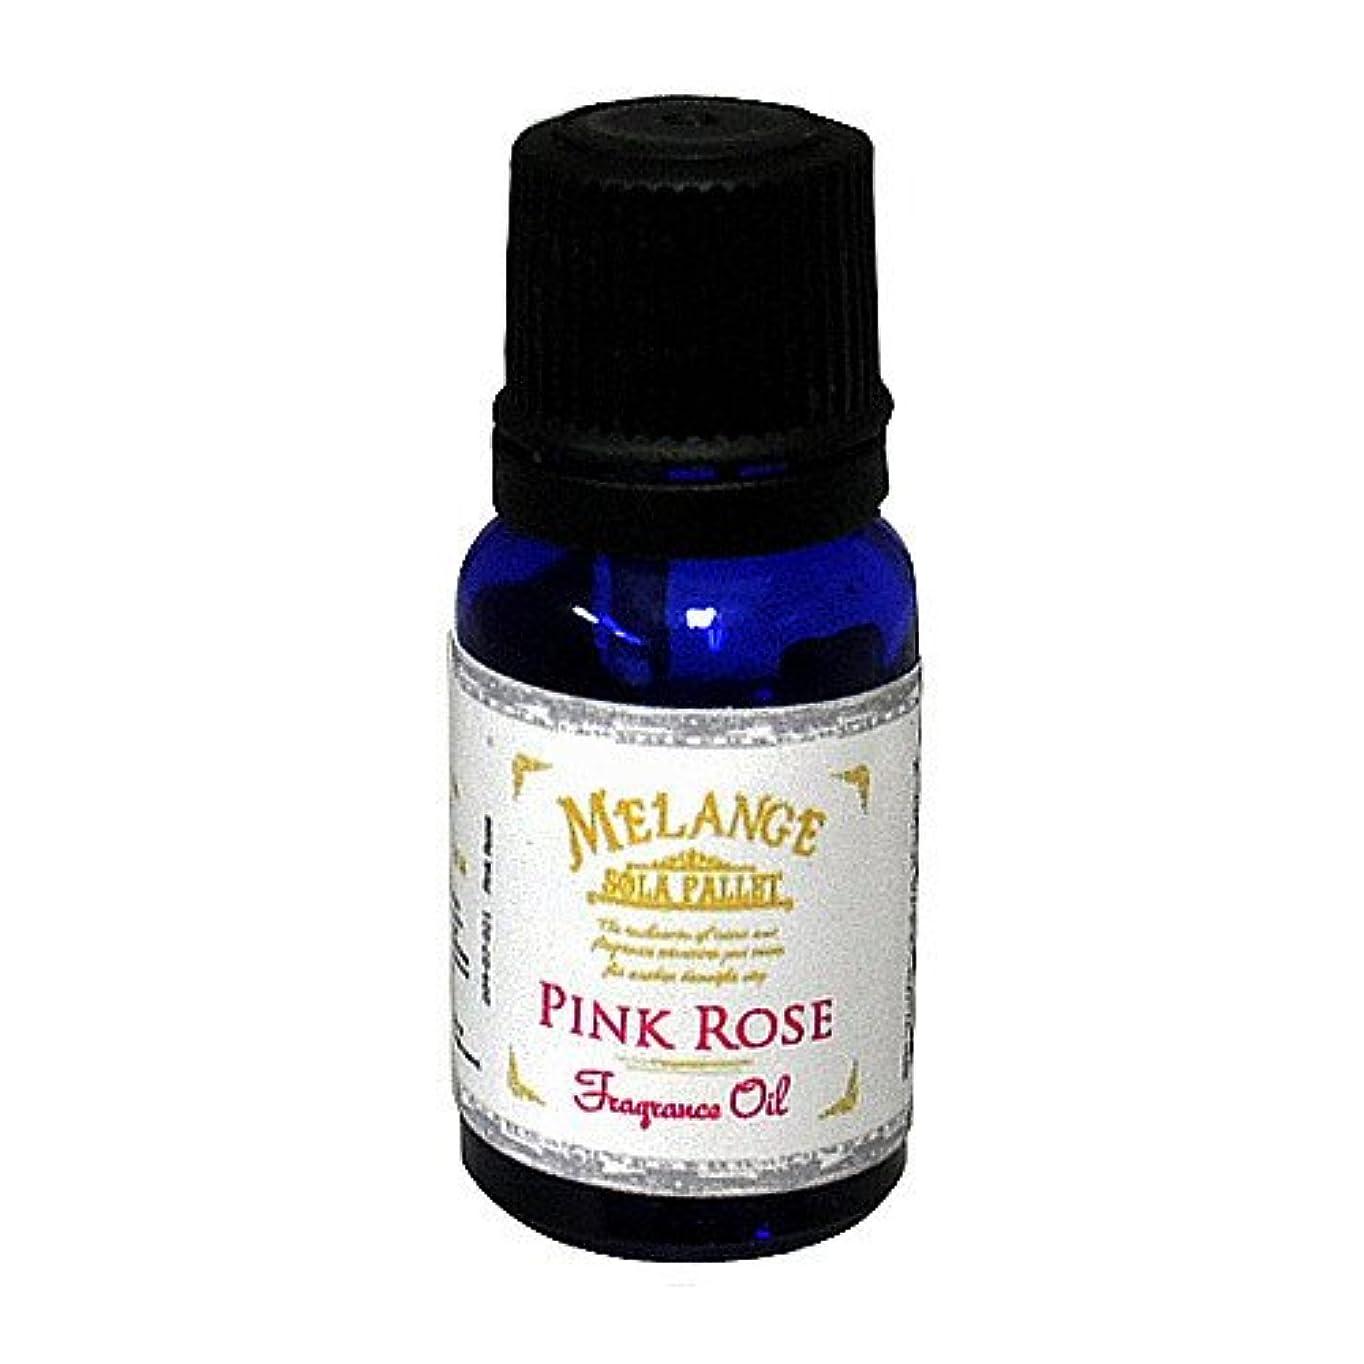 哀フォーラム衝撃SOLA PALLET MELANGE Fragrance Oil フレグランスオイル Pink Rose ピンクローズ